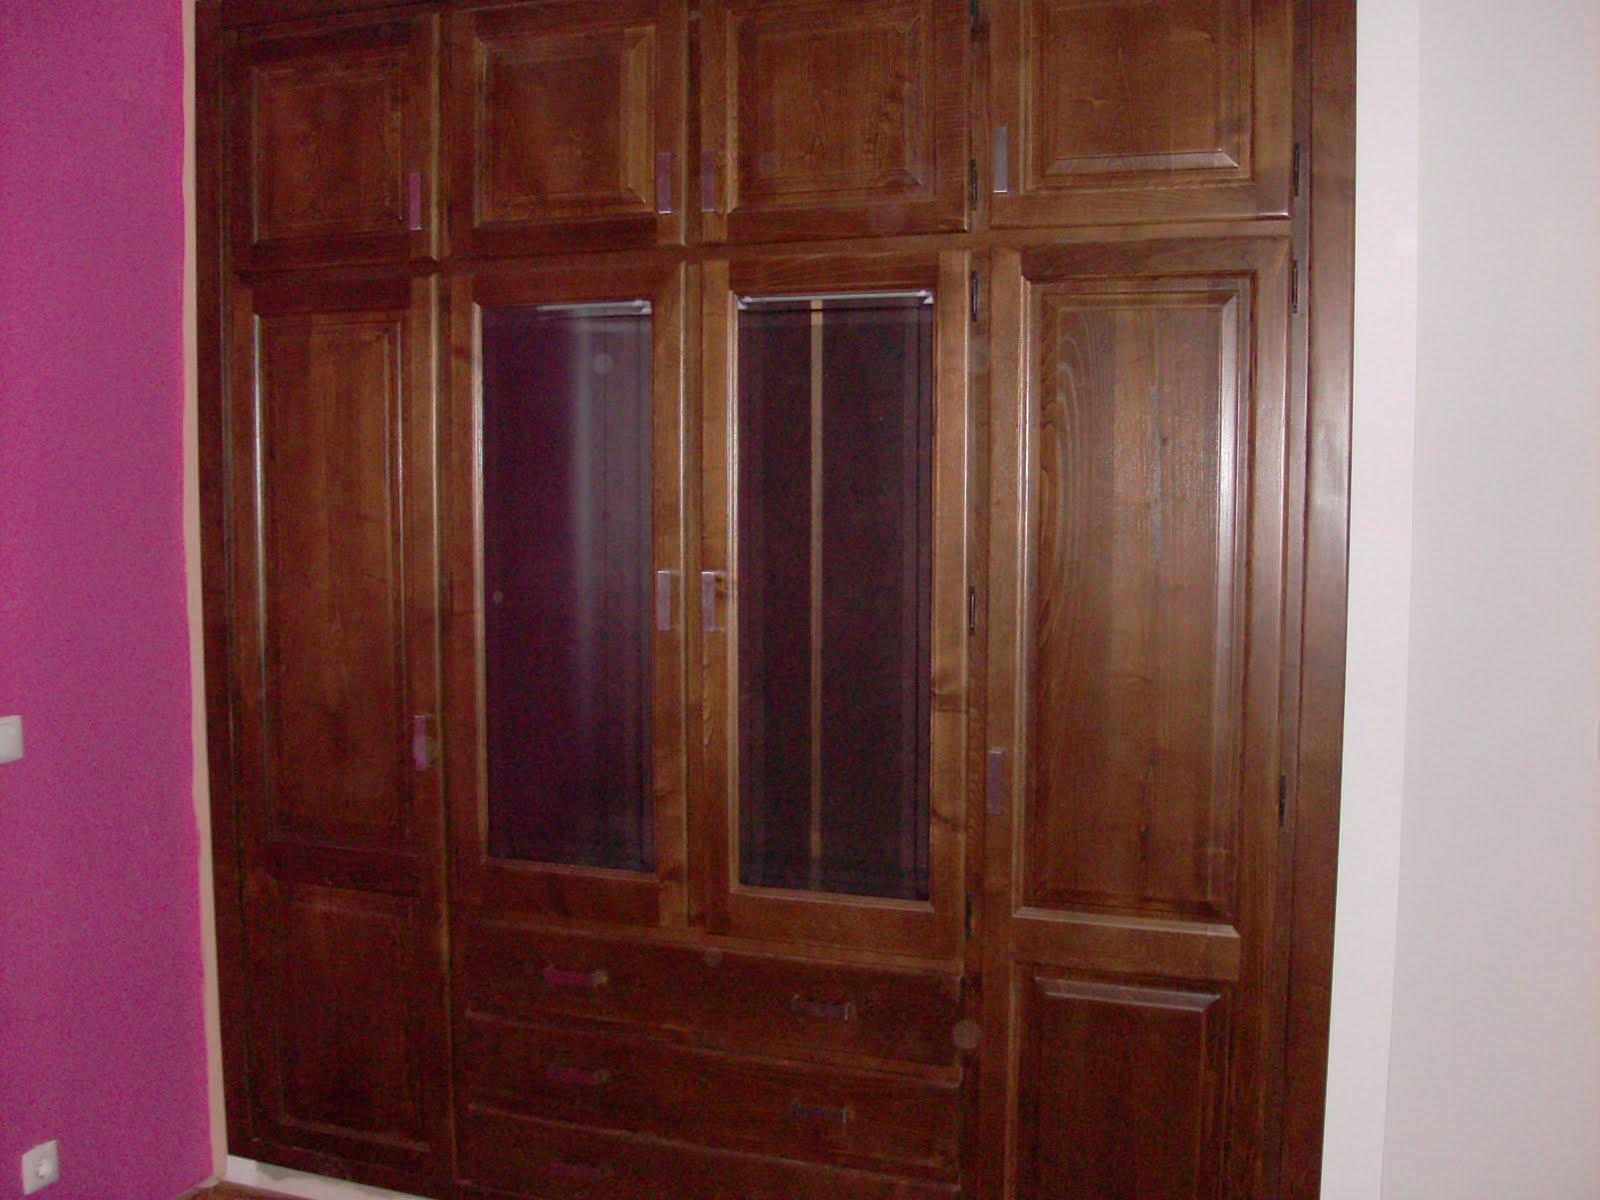 #401714 Móveis Alegre Torres Lda: Roupeiros linha rústica 1432 Reparação Vidros Janelas